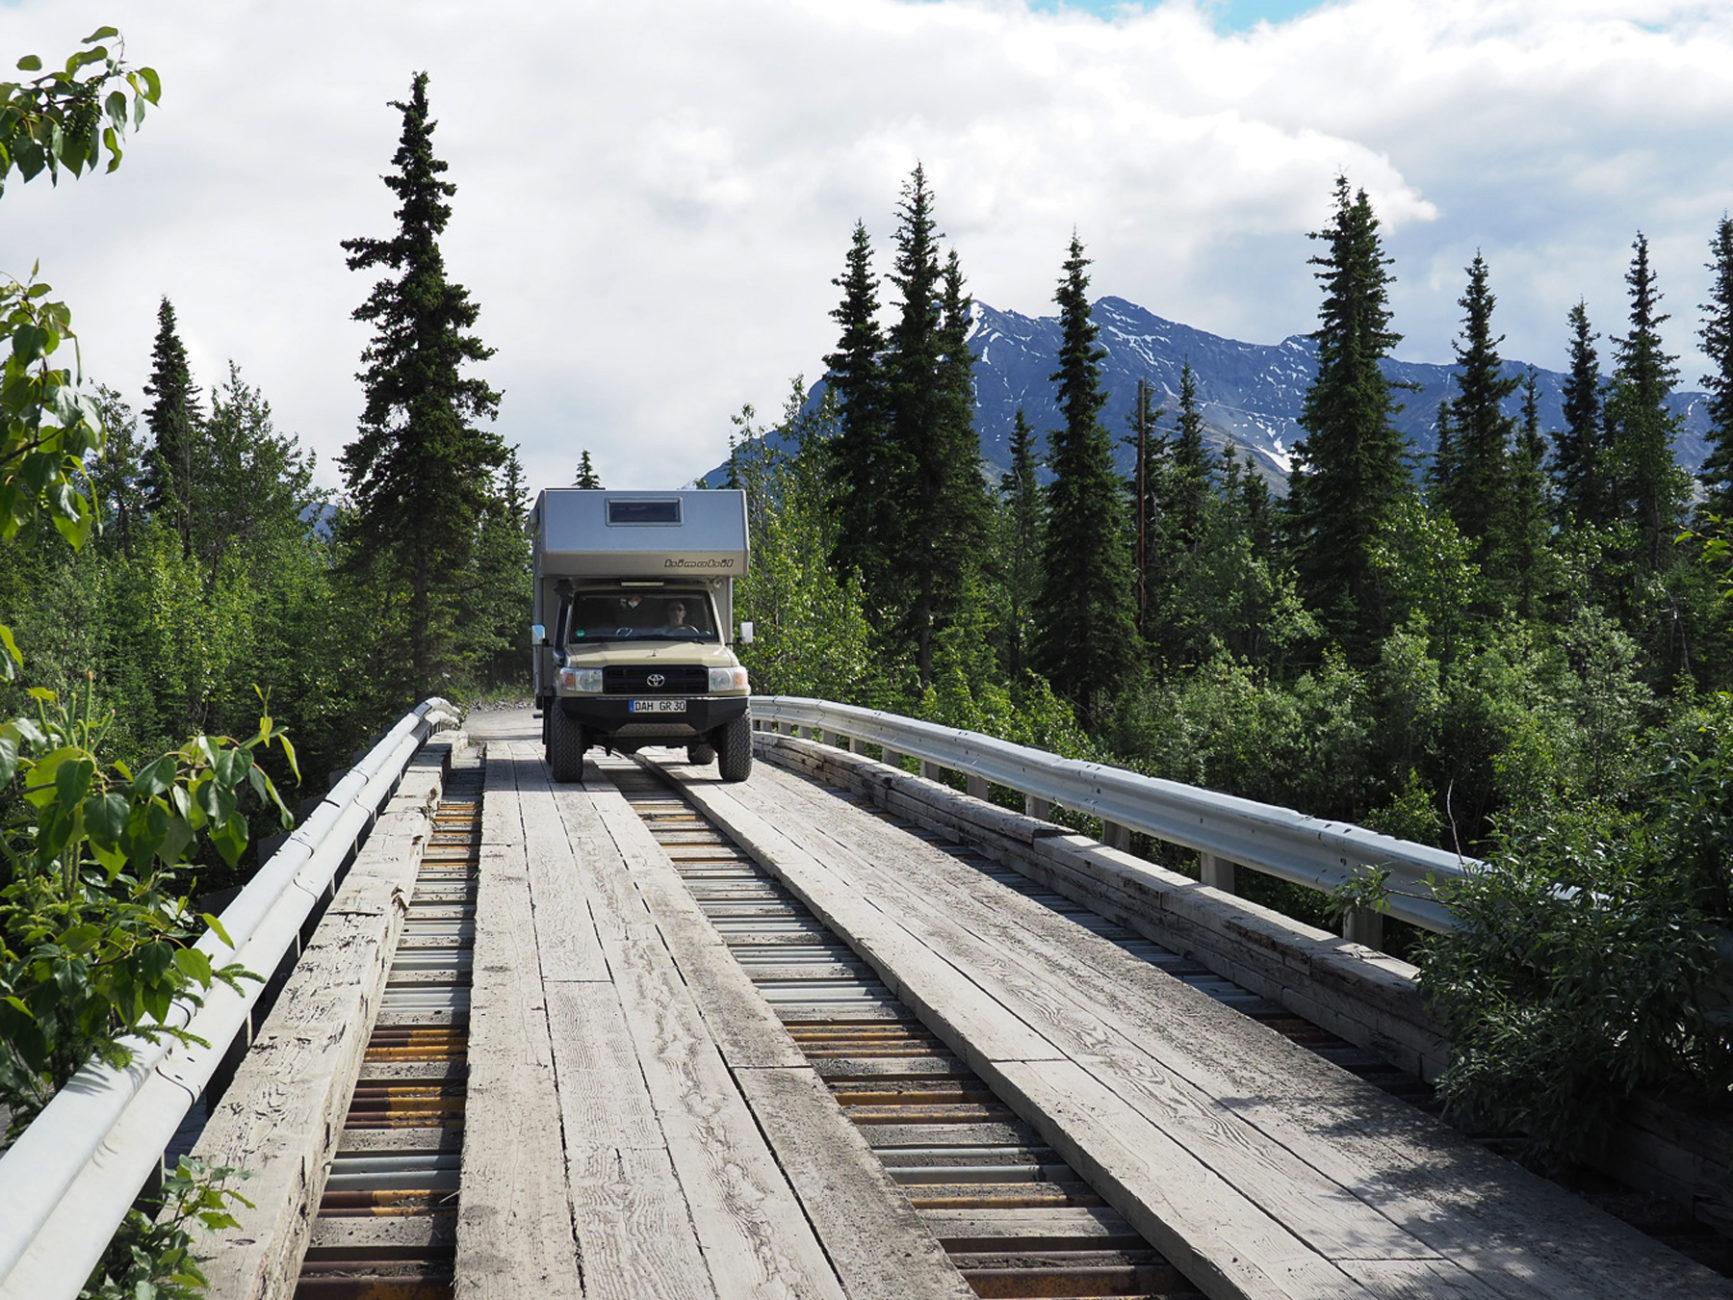 teilweise abenteuerliche Wege in die Berge des Wrangell NP